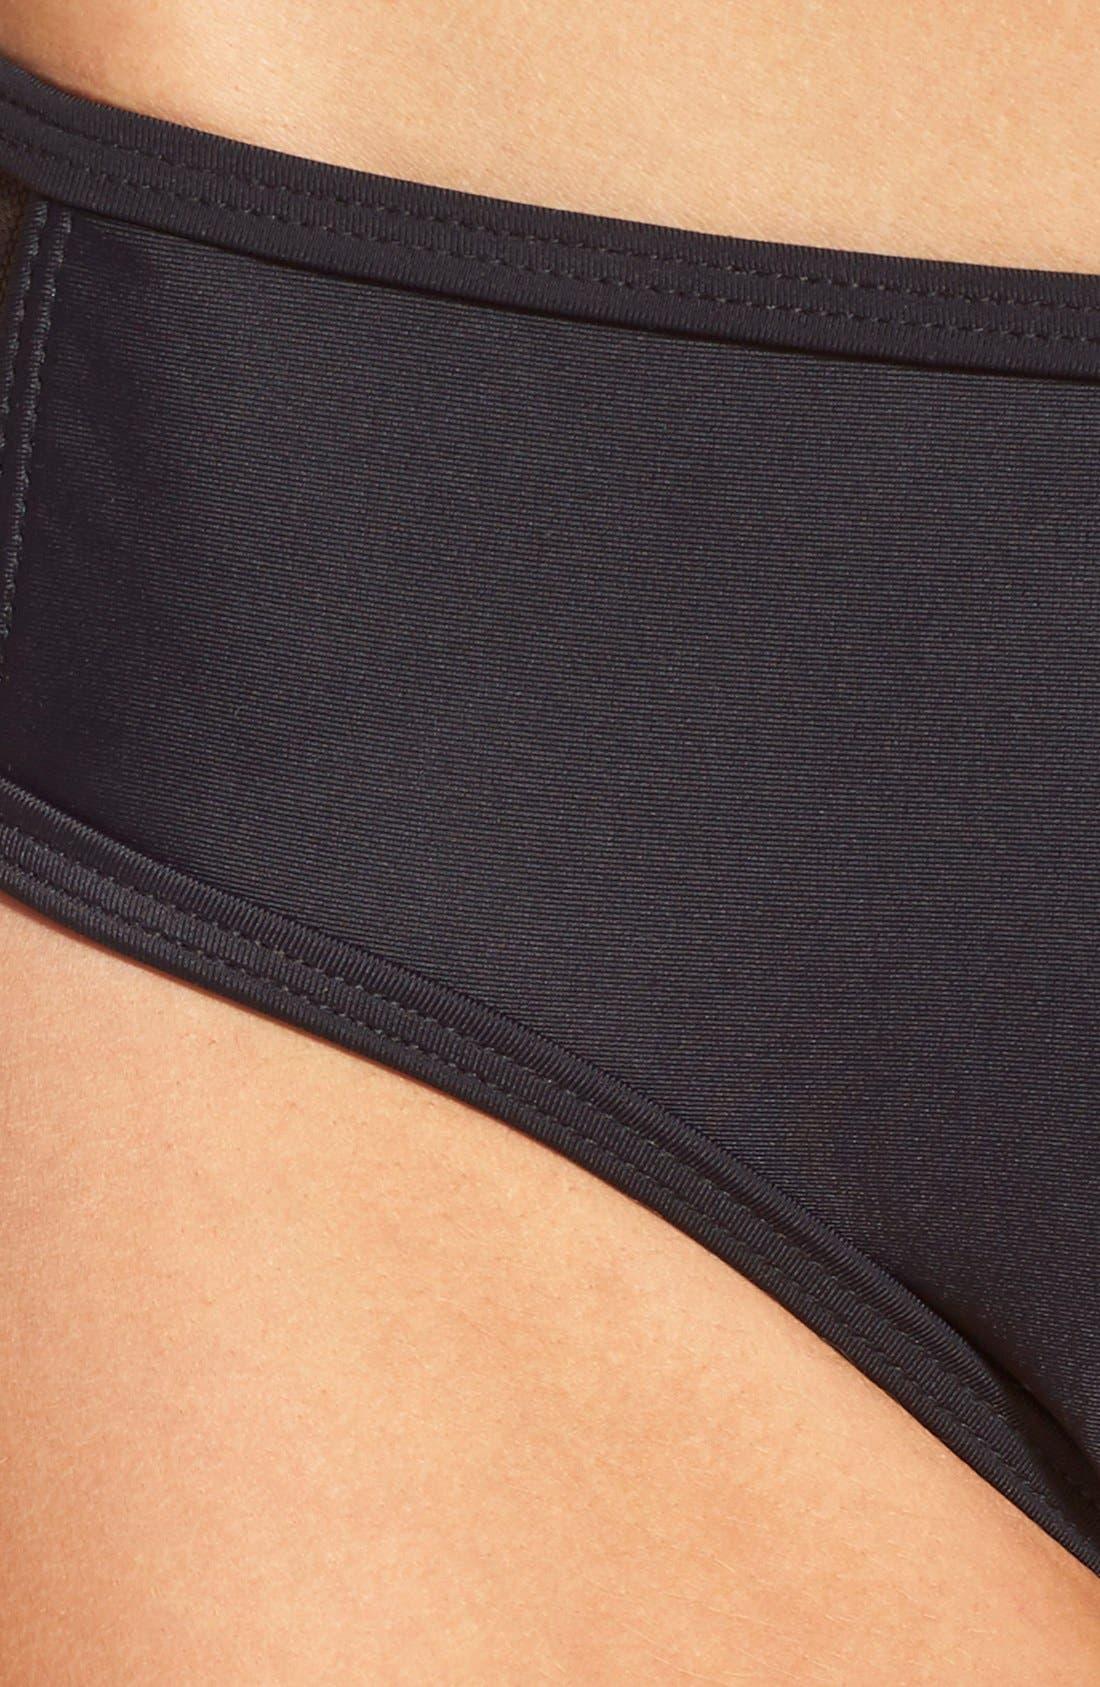 Mesh Bikini Bottoms,                             Alternate thumbnail 6, color,                             Black